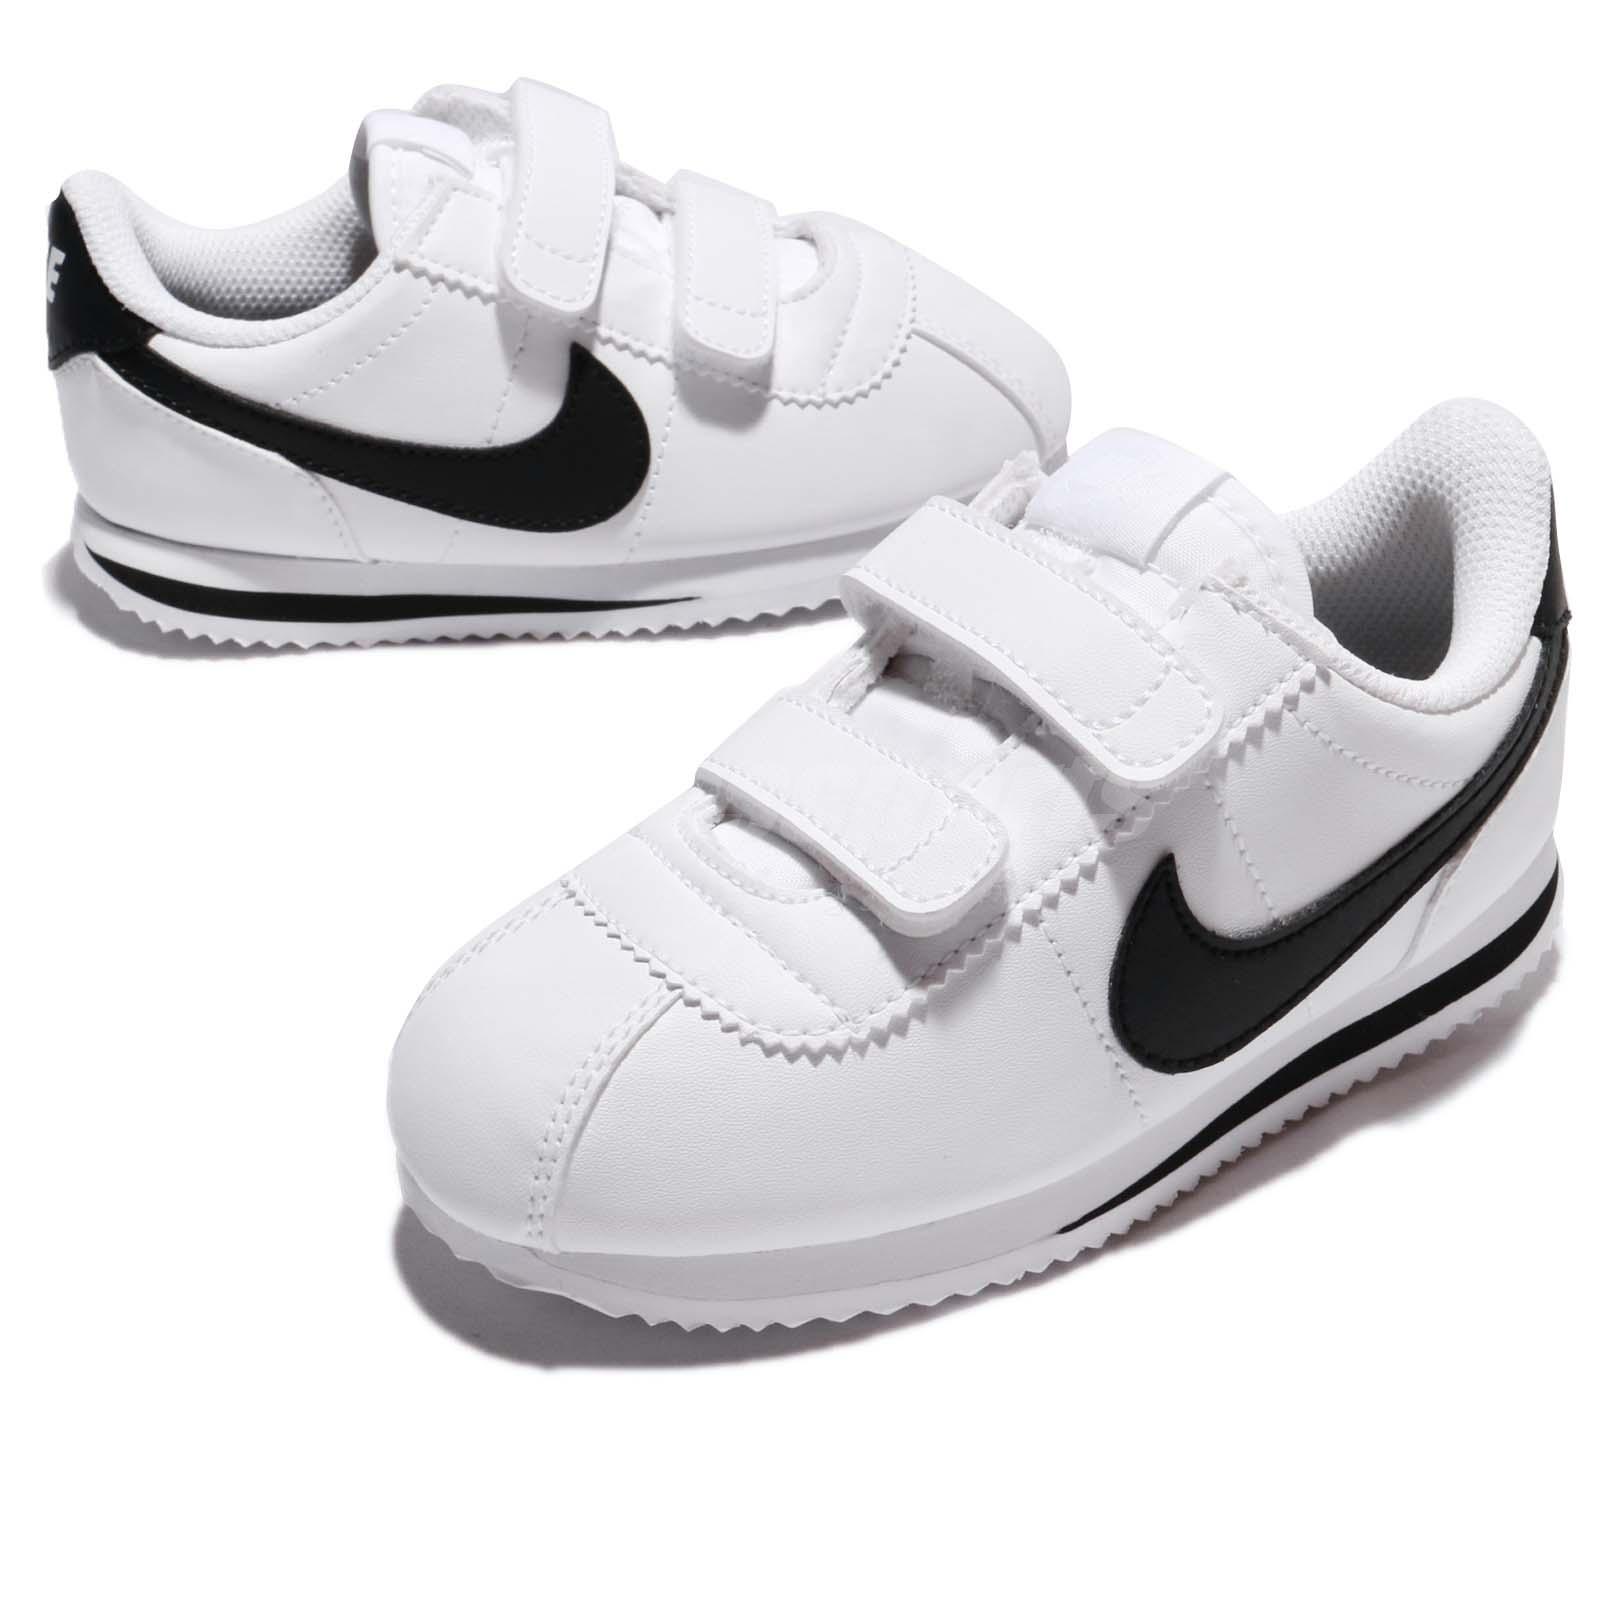 super popular 990d6 2763a Details about Nike Cortez Basic SL TDV White Black Toddler Infant Baby Shoe  Sneaker 904769-102